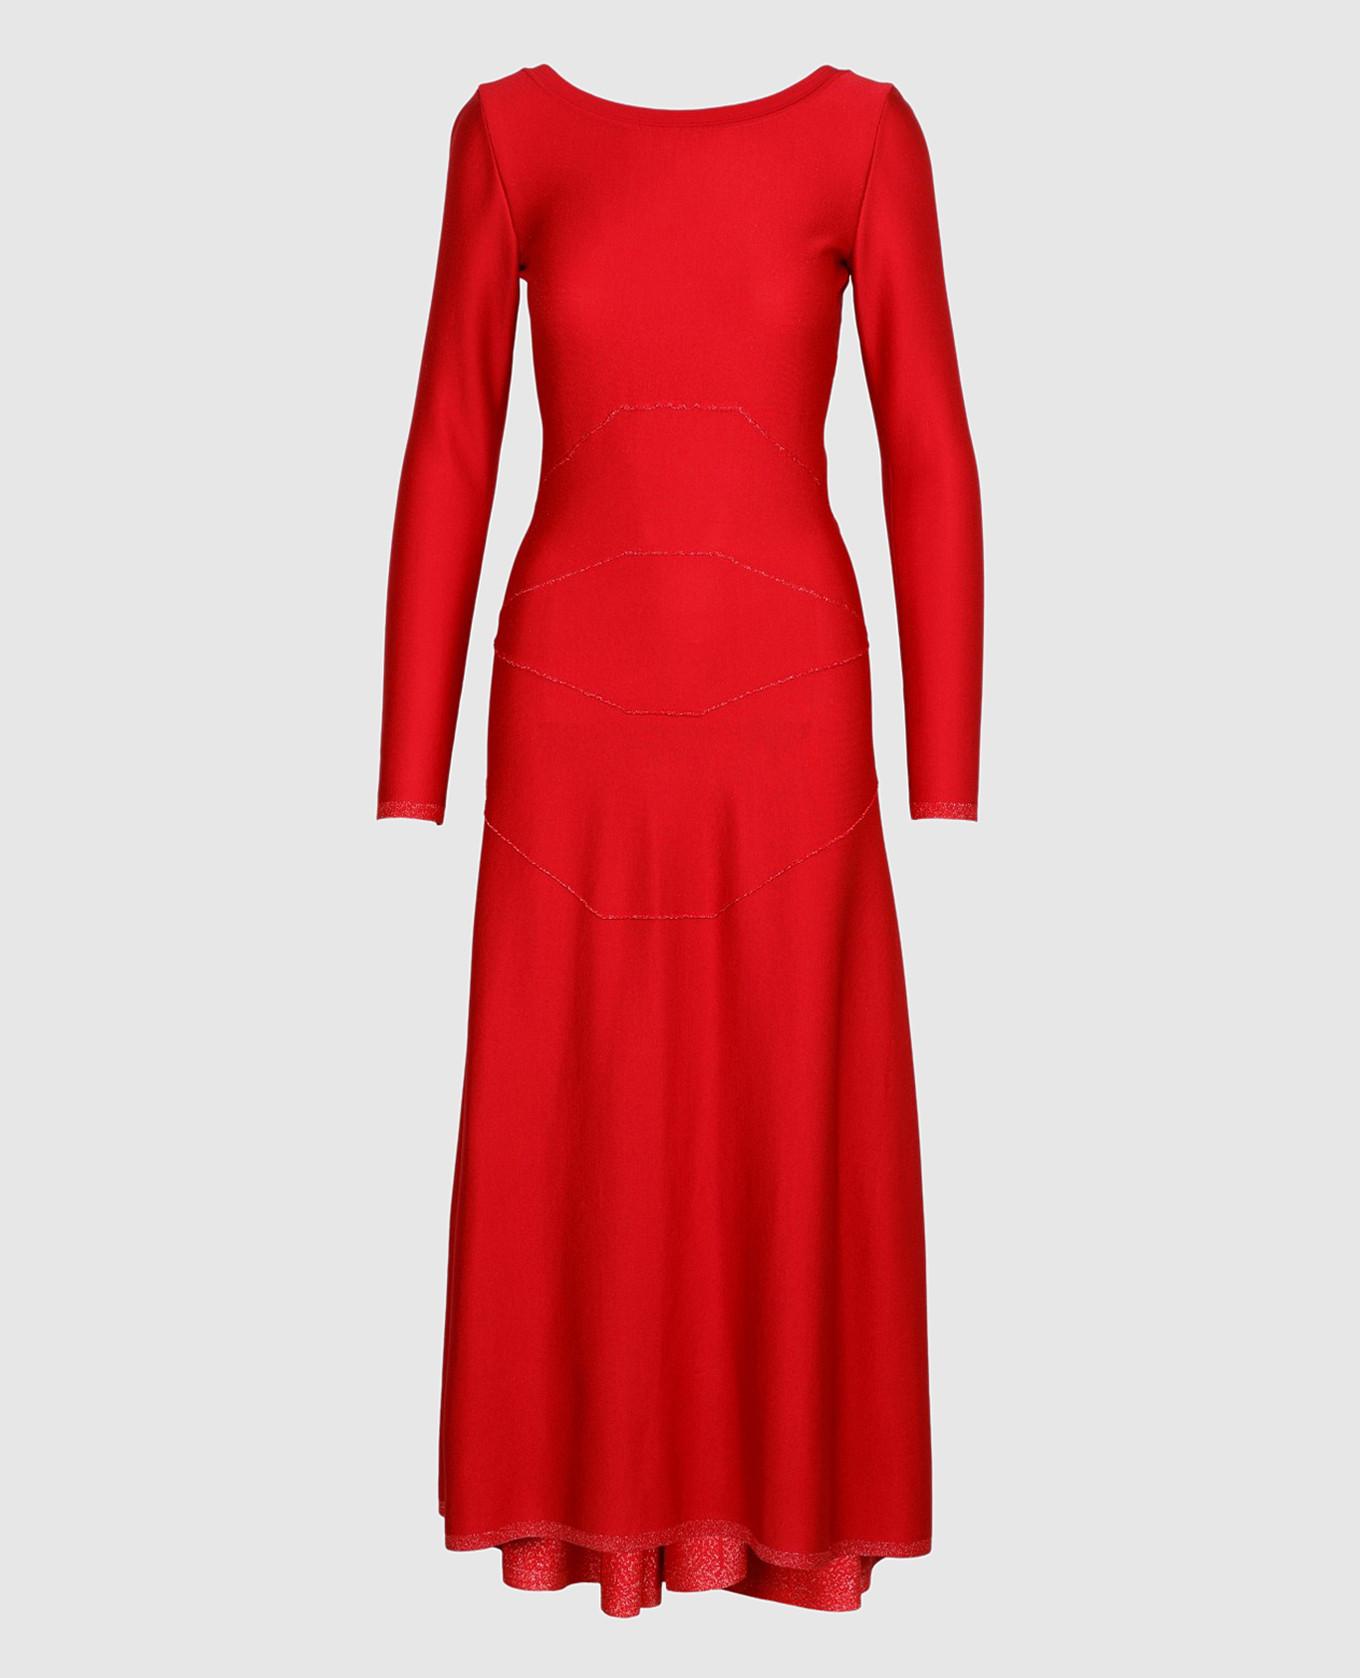 Красное платье с V-образным вырезом на спине